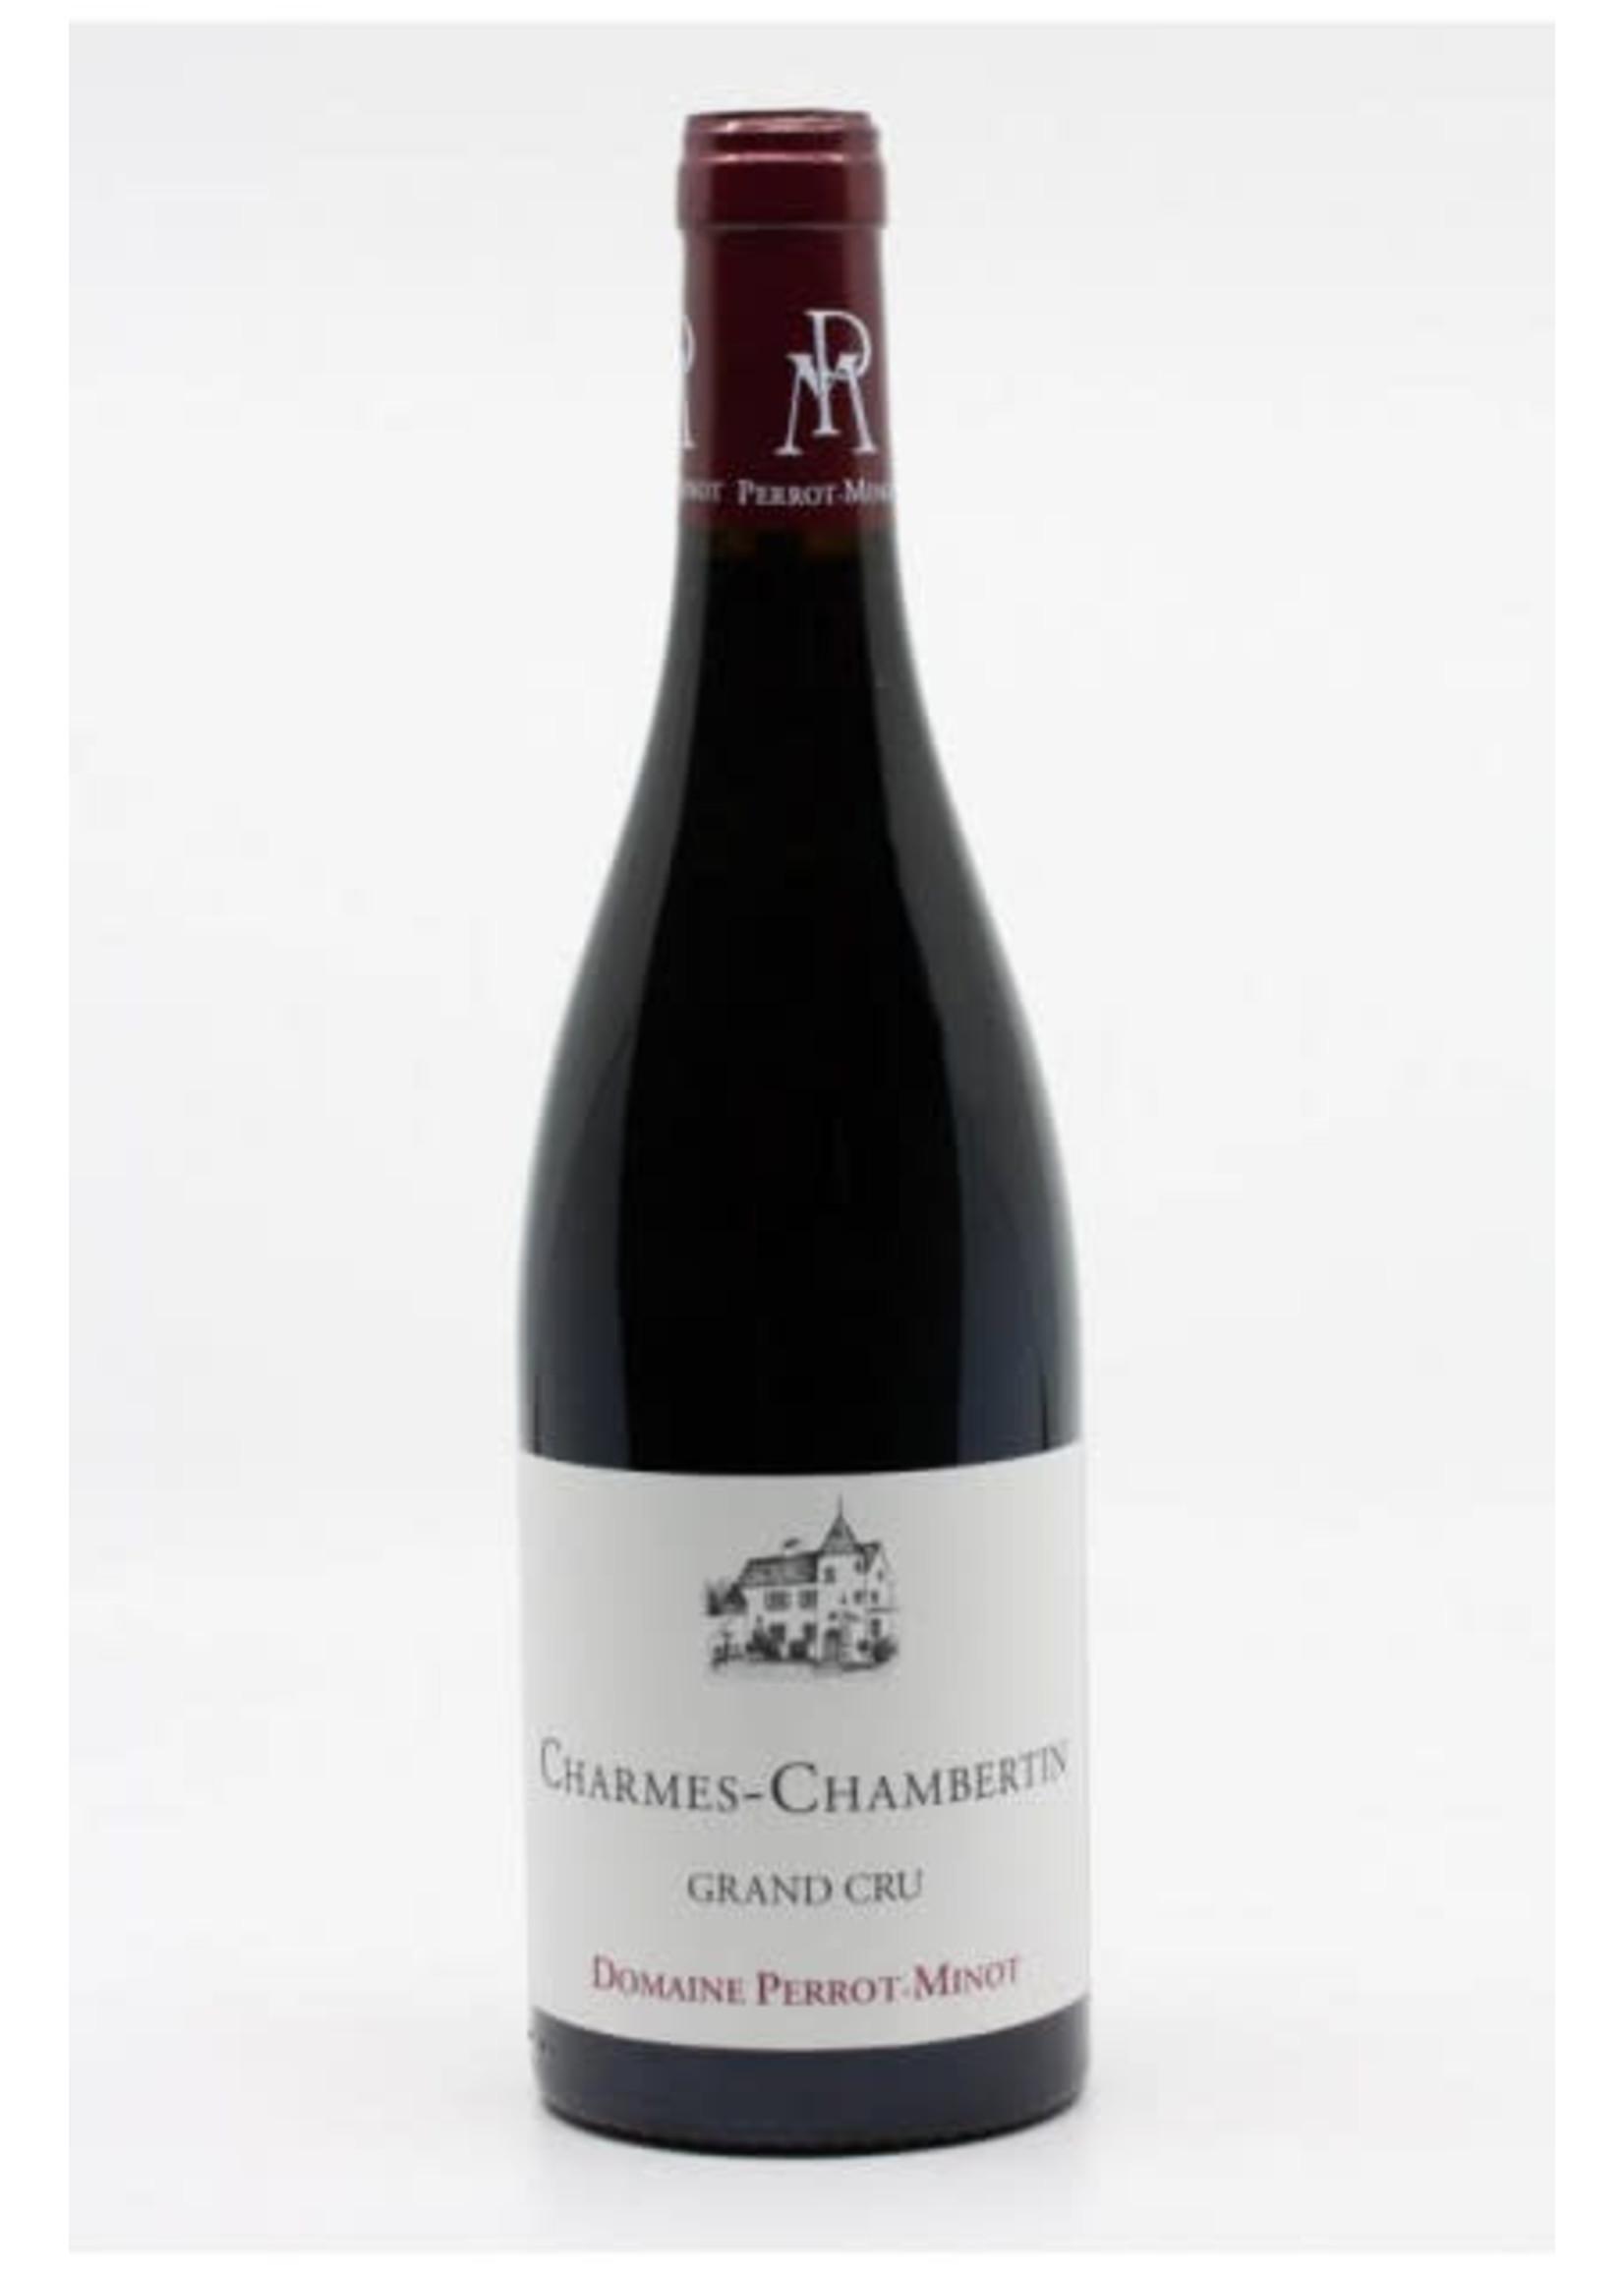 Perrot Minot 2019 Charmes Chambertin Grand Cru 750ml